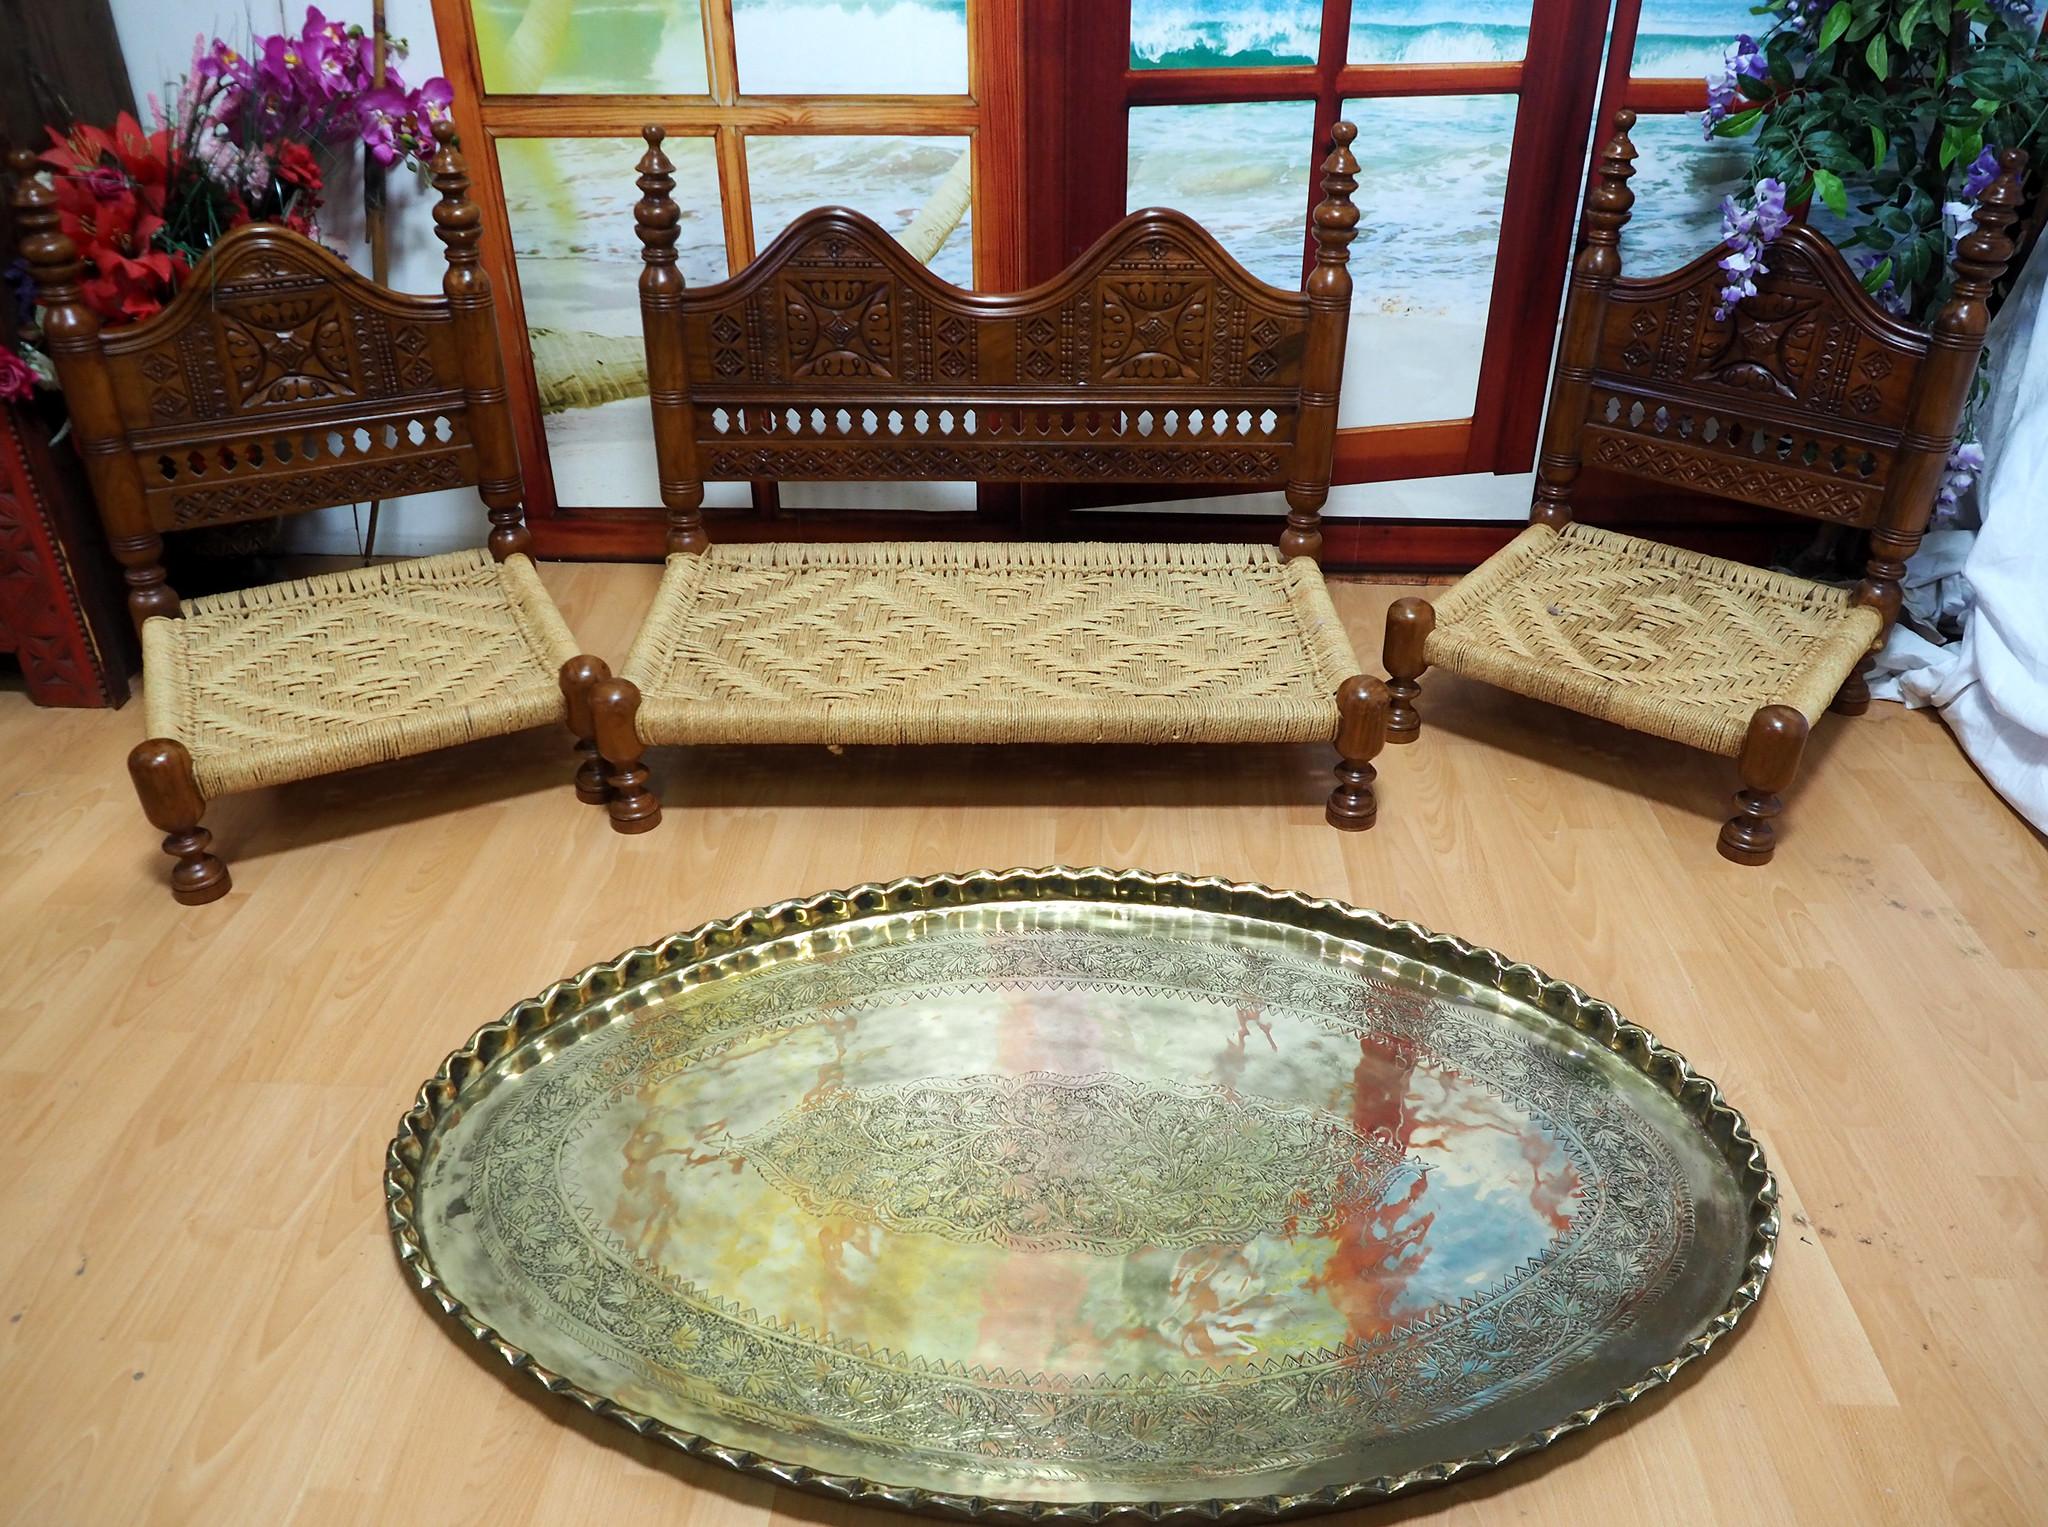 3-teilige orientalische Sitzecke Sofagarnitur Sessel Stuhl Nuristan Afghanistan